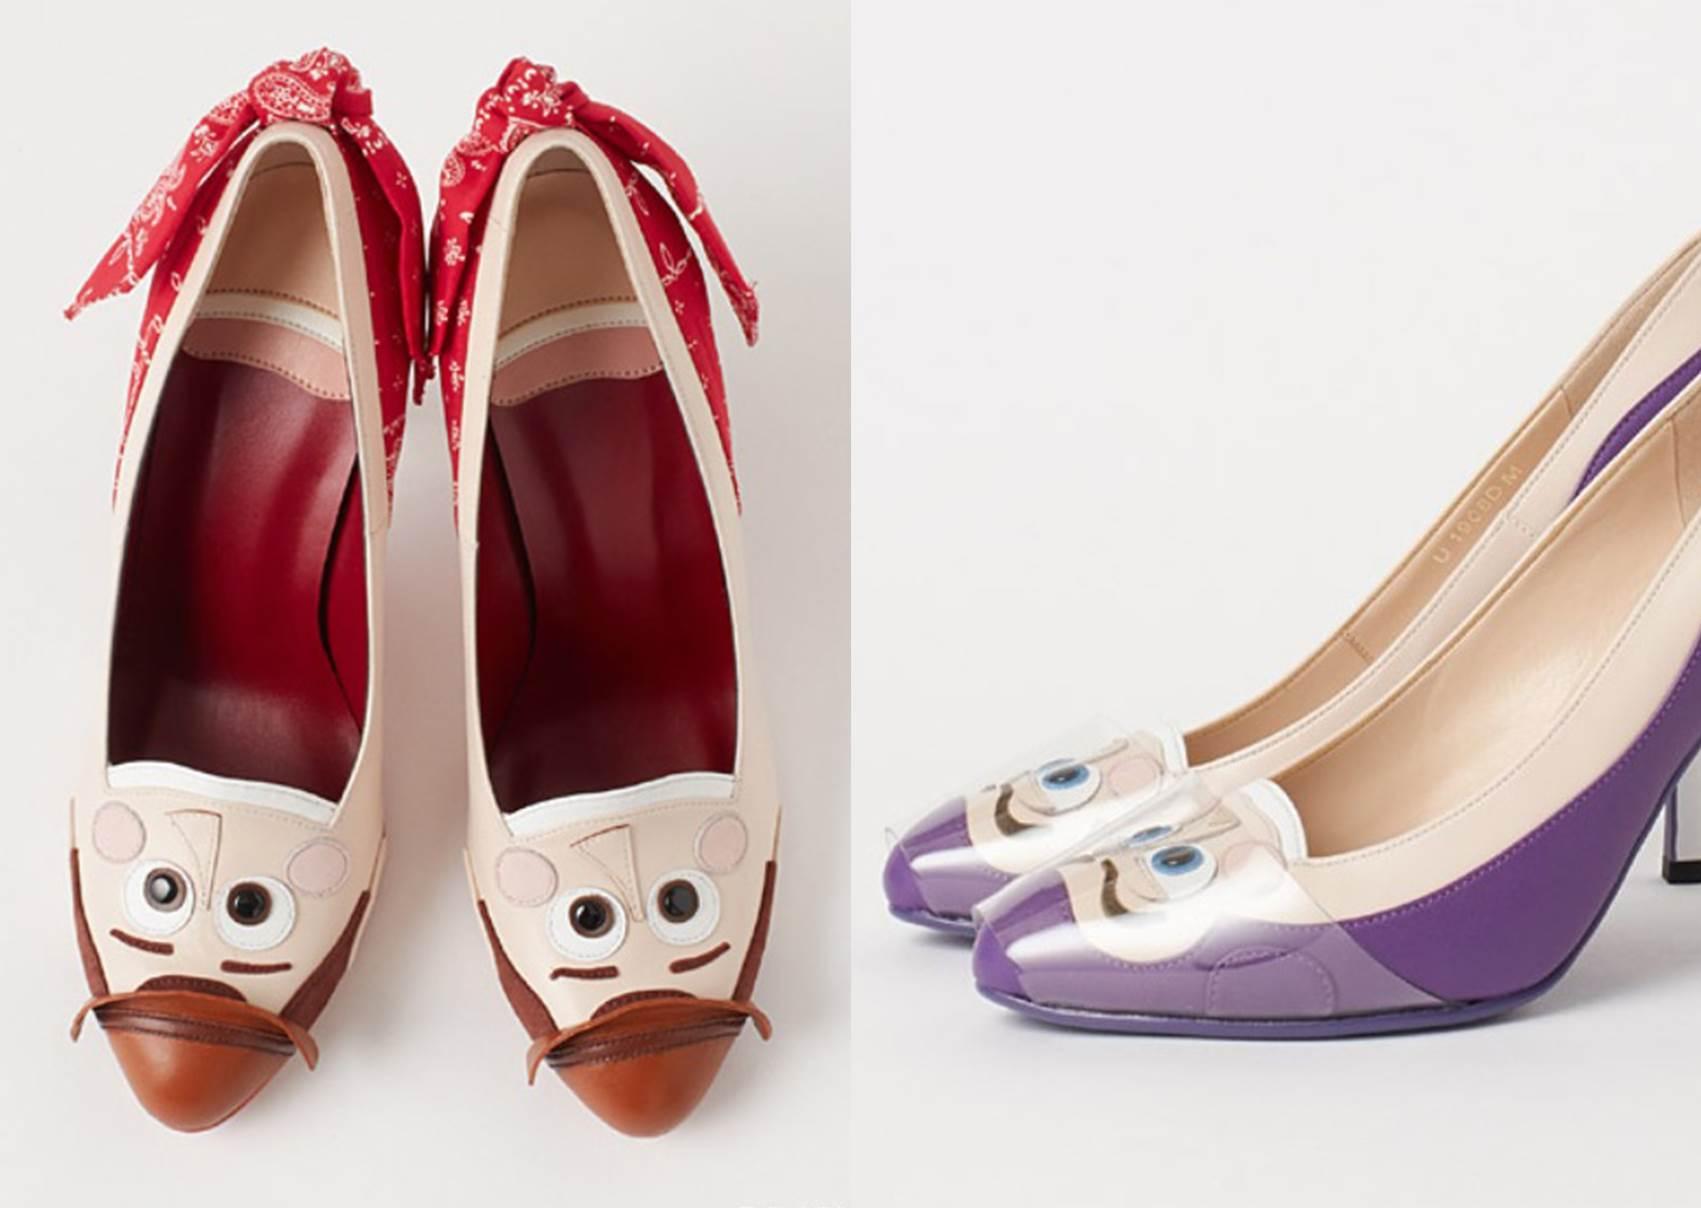 穿上秒變茉莉公主!DIANA聯名迪士尼推出「專屬設計鞋款」,這麼逗趣的高跟鞋妳敢穿出門嗎?